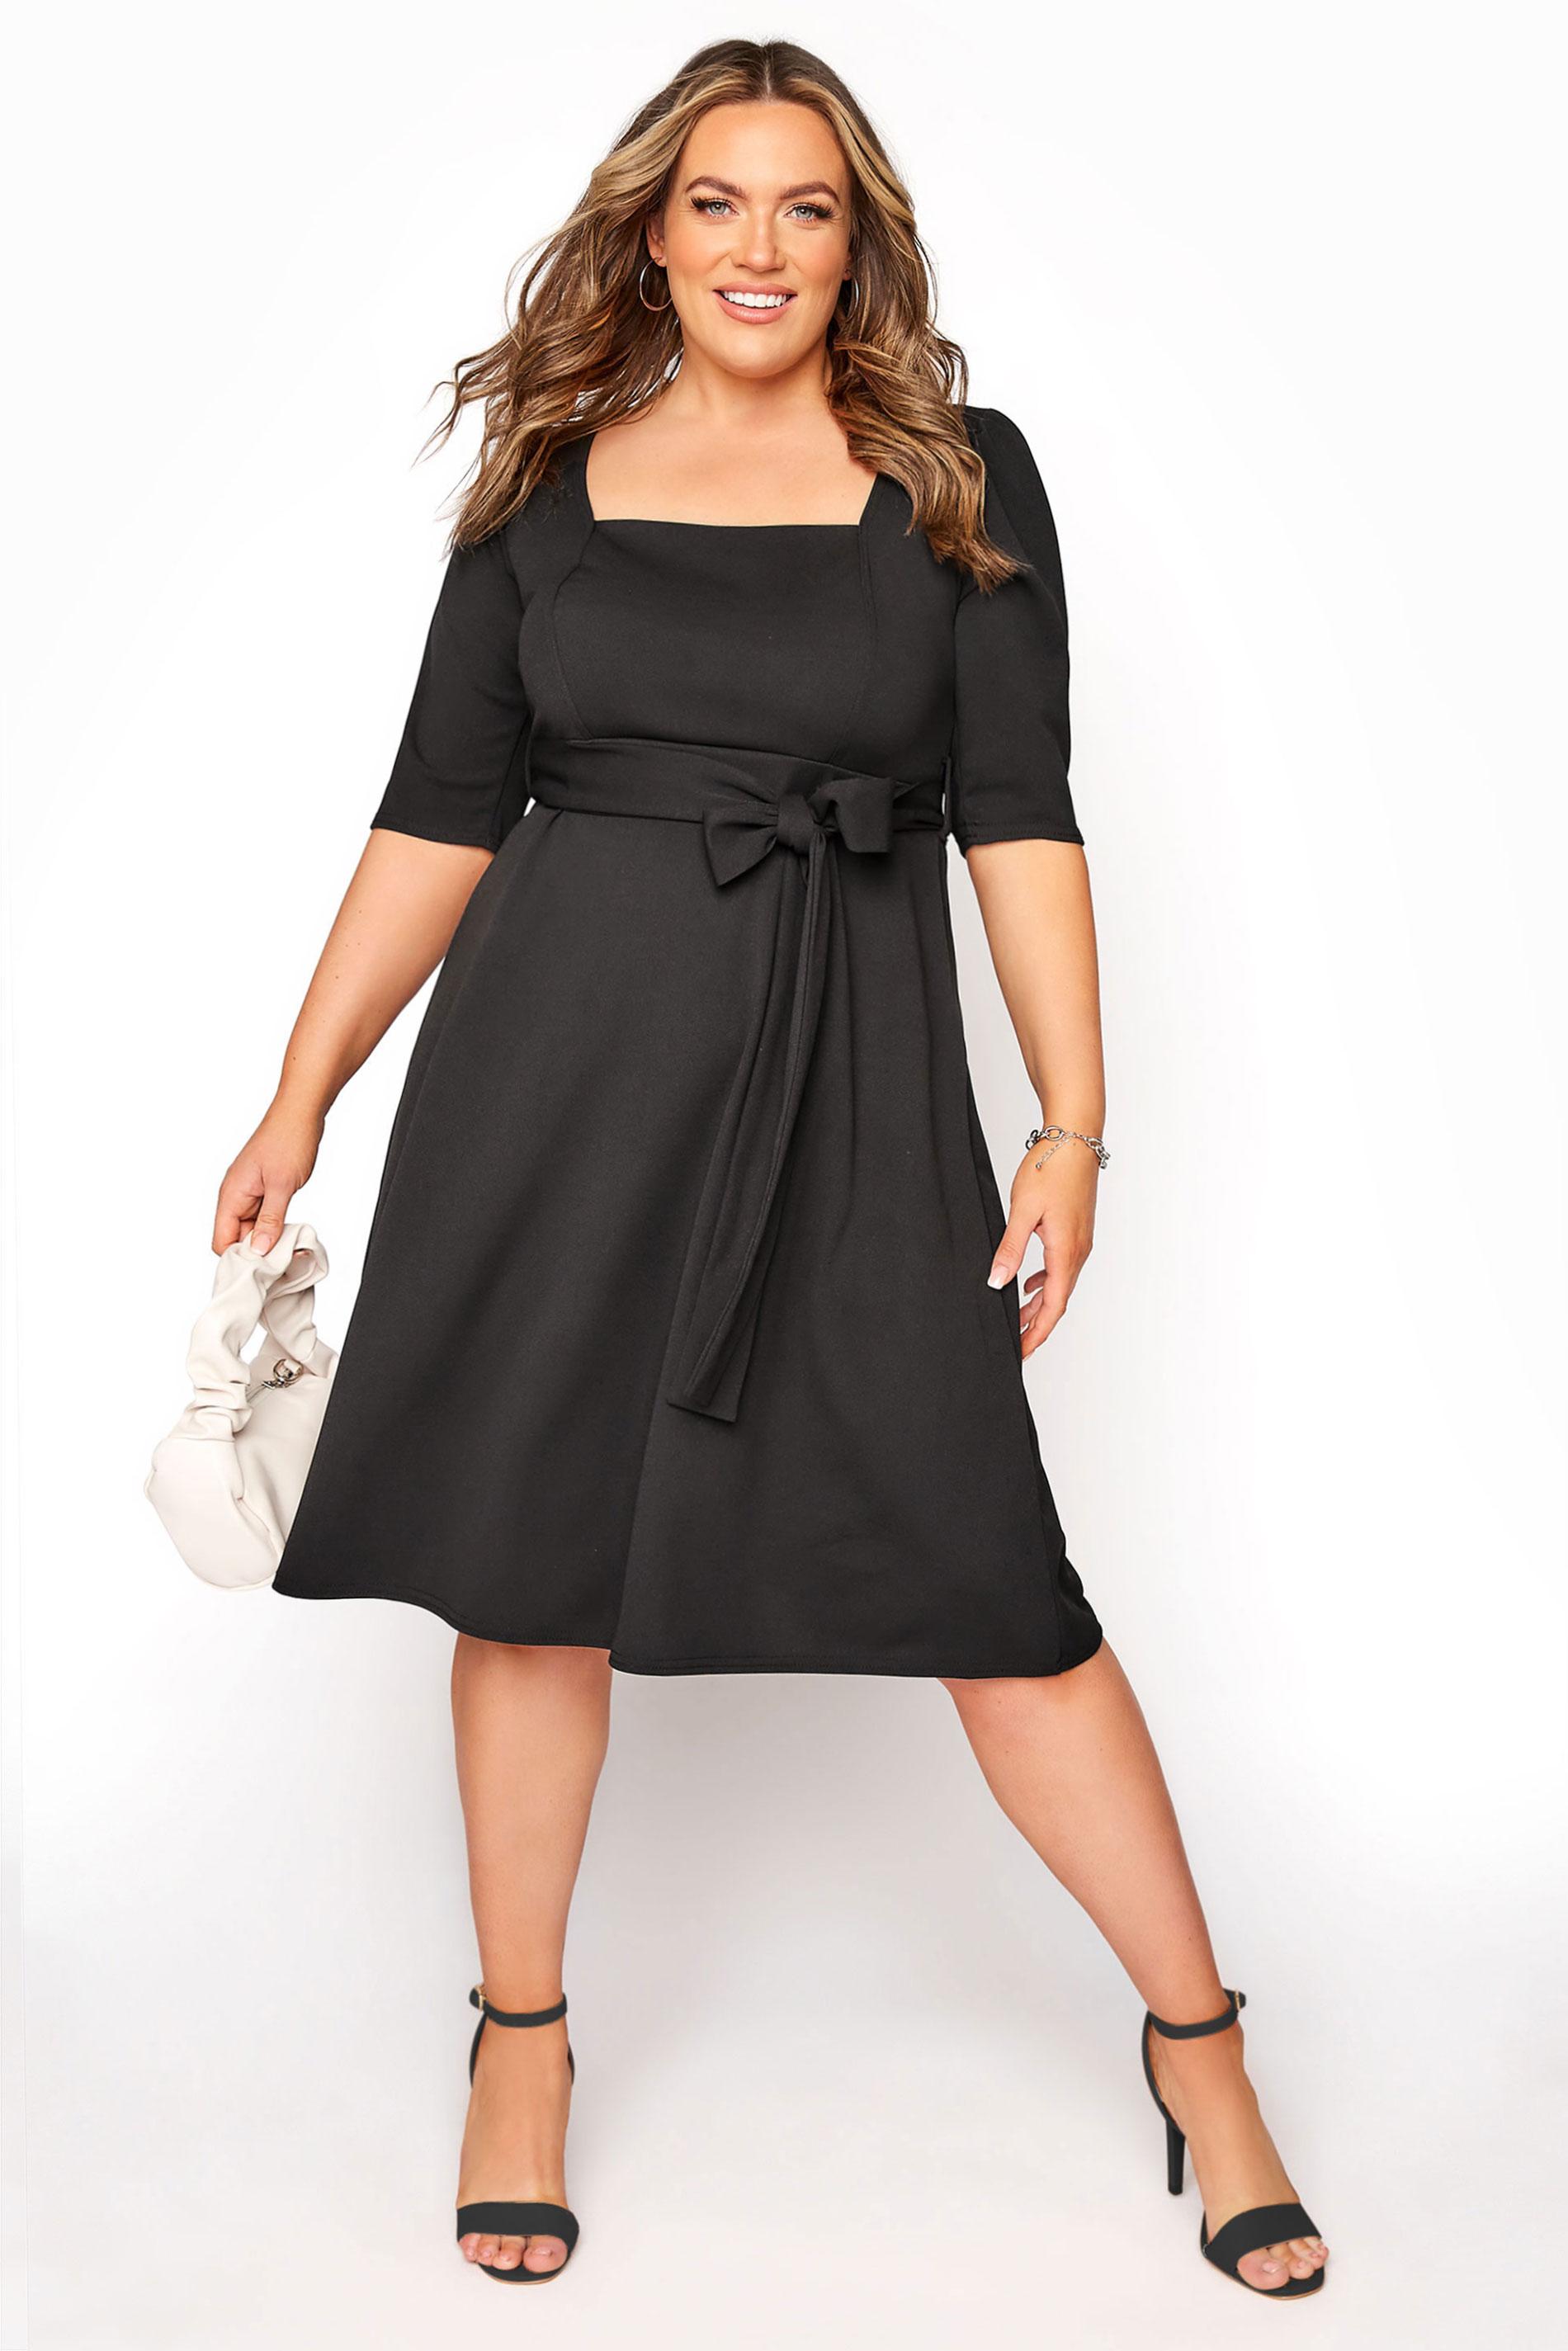 YOURS LONDON Black Square Neck Midi Dress